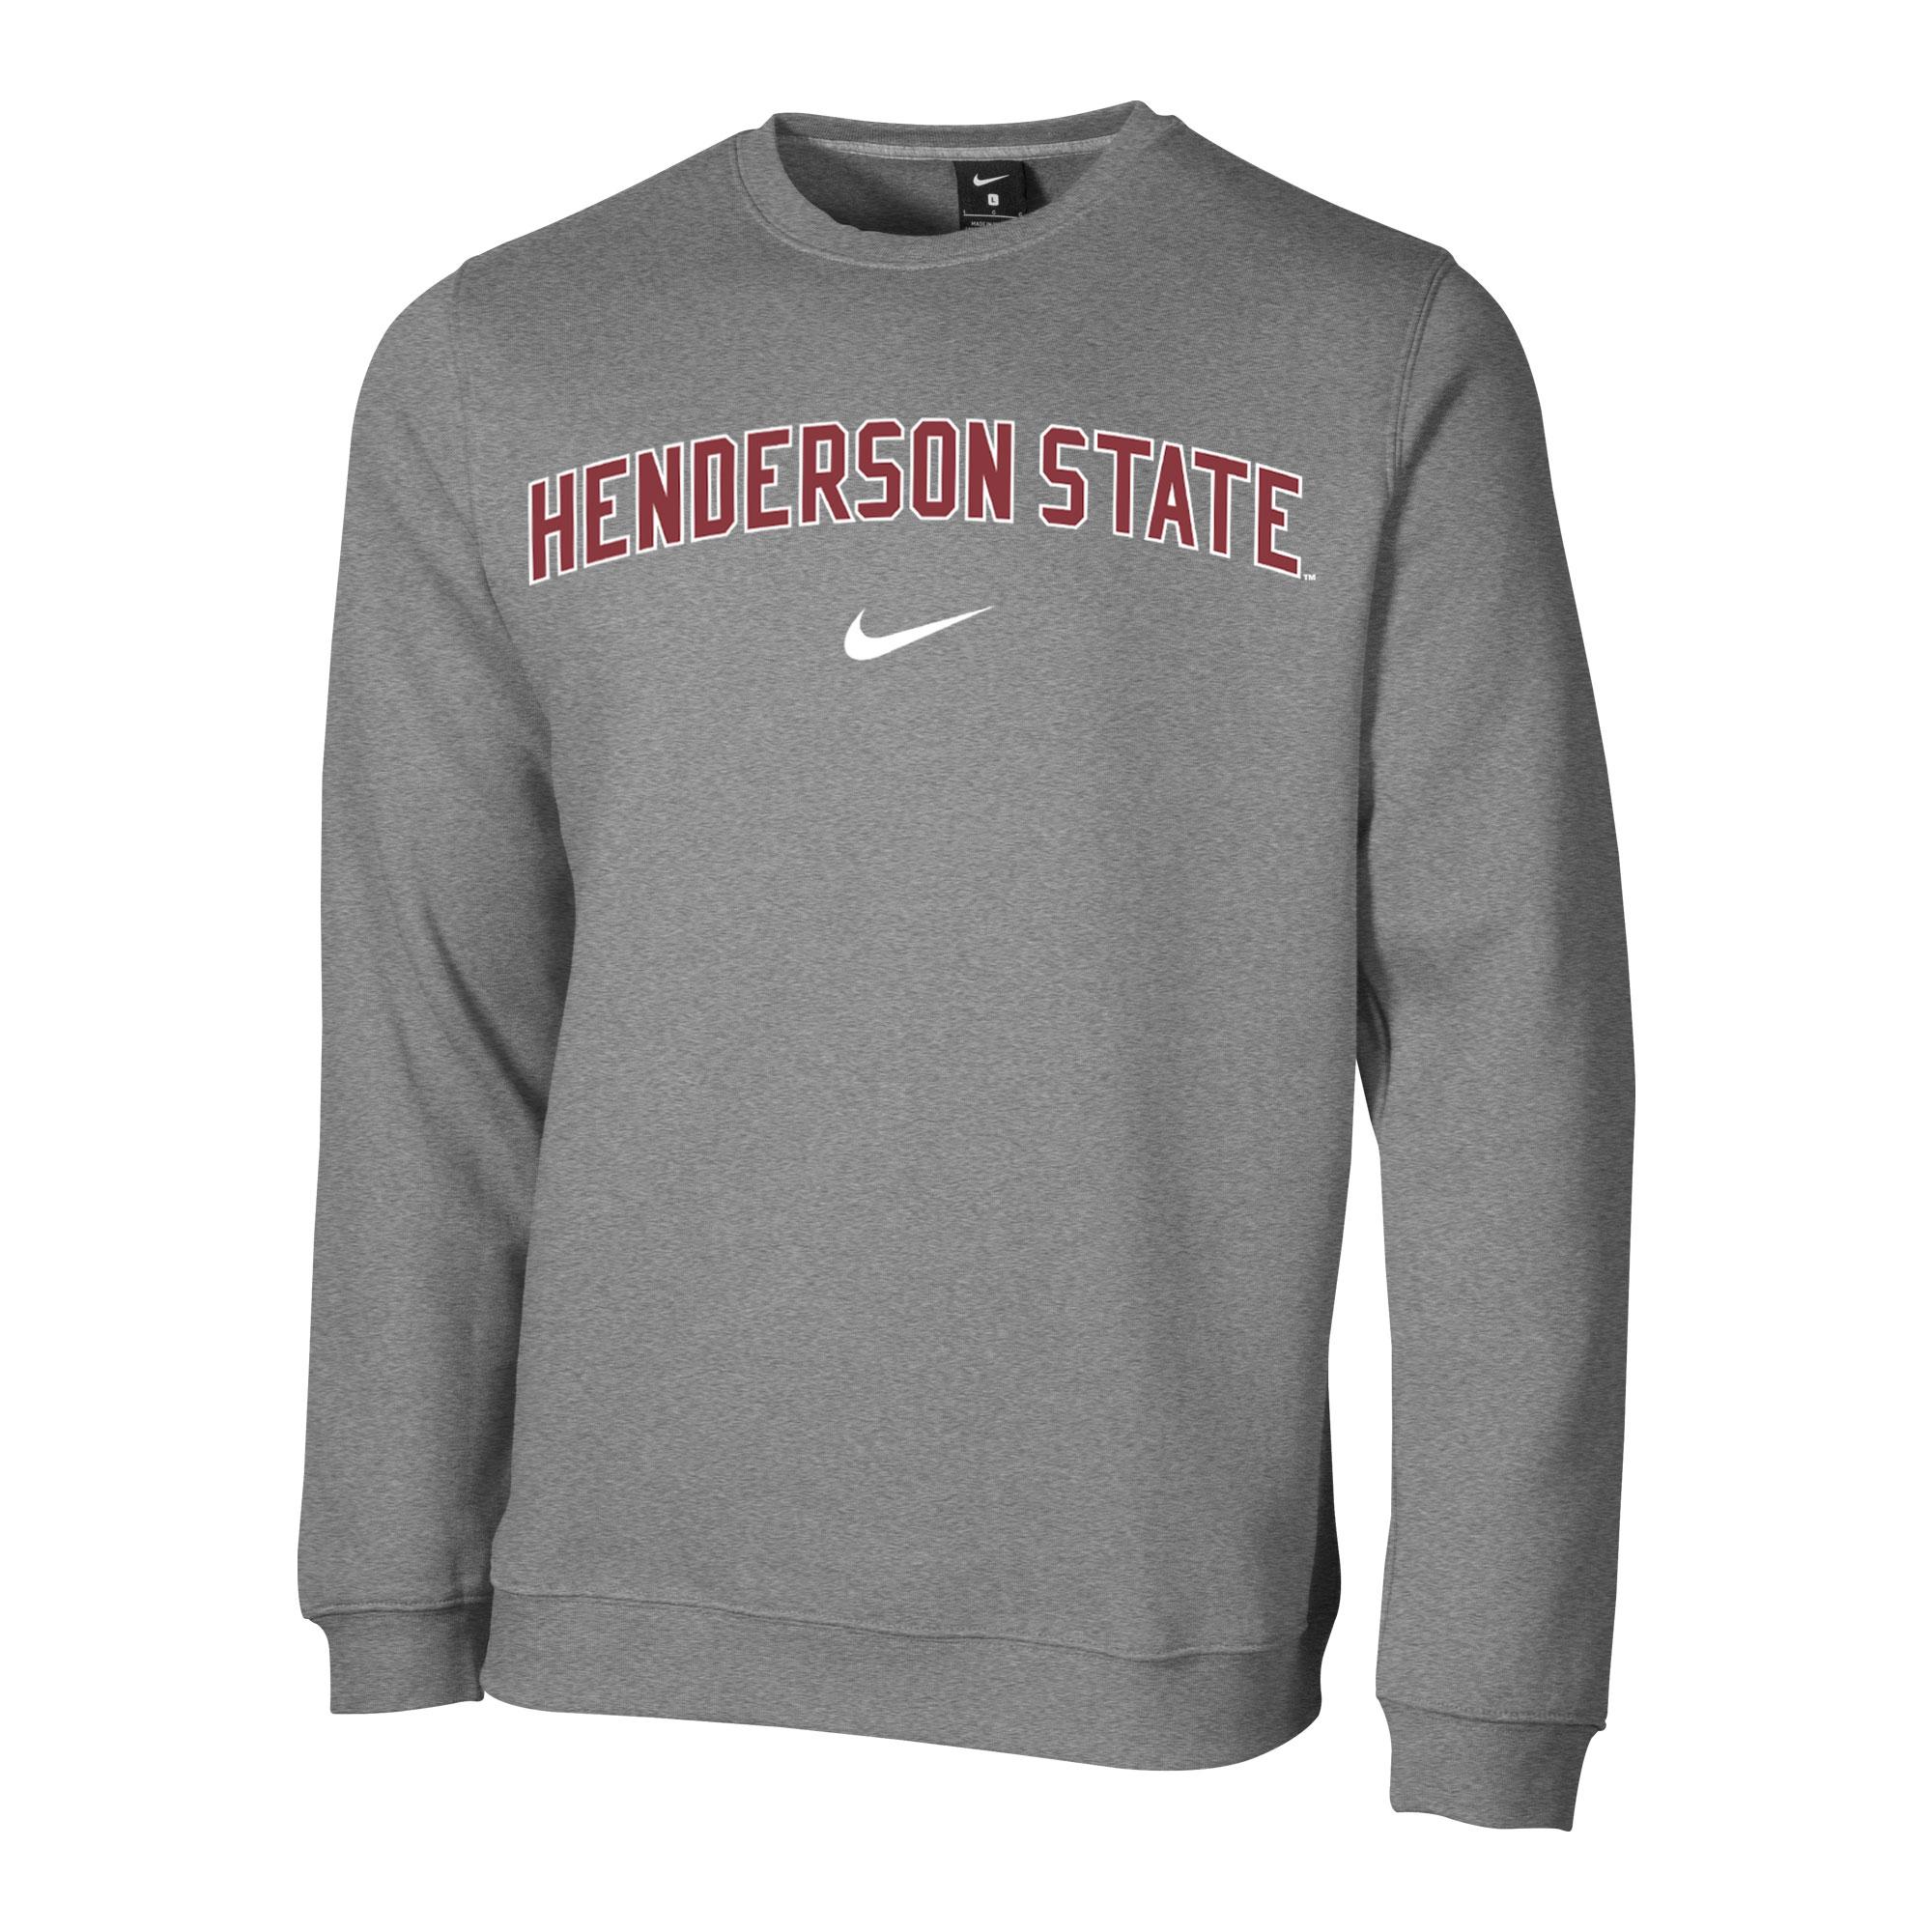 image of: Henderson State Nike Club Fleece Crew Sweatshirt